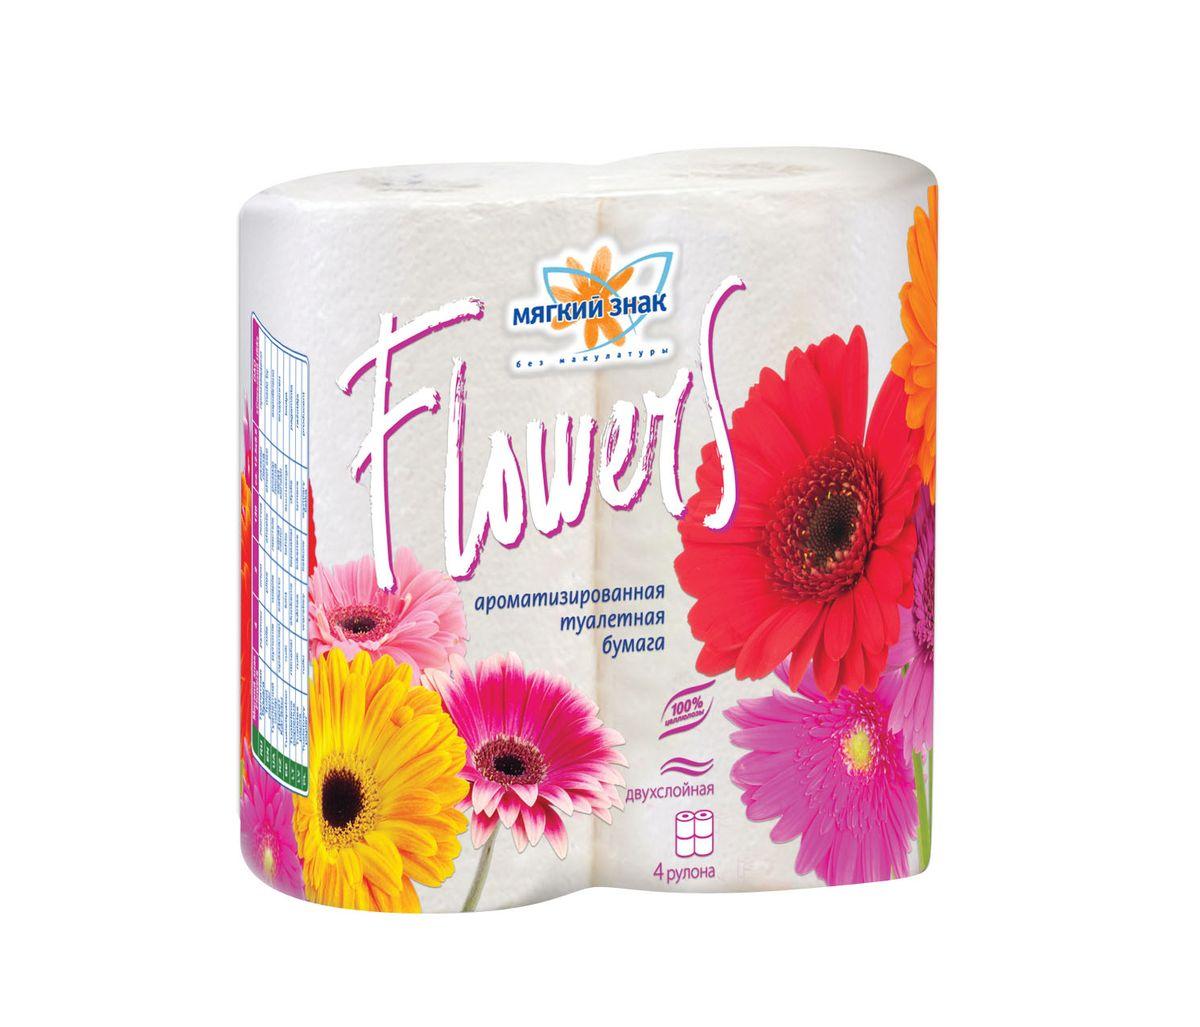 Туалетная бумага Мягкий знак Flowers, ароматизированная, двухслойная, цвет: белый, 4 рулона67742Ароматизированная туалетная бумага Мягкий знак Flowers обладает нежным цветочным ароматом. Двухслойная туалетная бумага мягкая, нежная, но в тоже время прочная, с отрывом по линии перфорации.Количество листов: 185 шт. Количество слоев: 2. Размер листа: 12,5 см х 9,6 см. Состав: 100% целлюлоза, ароматизатор.